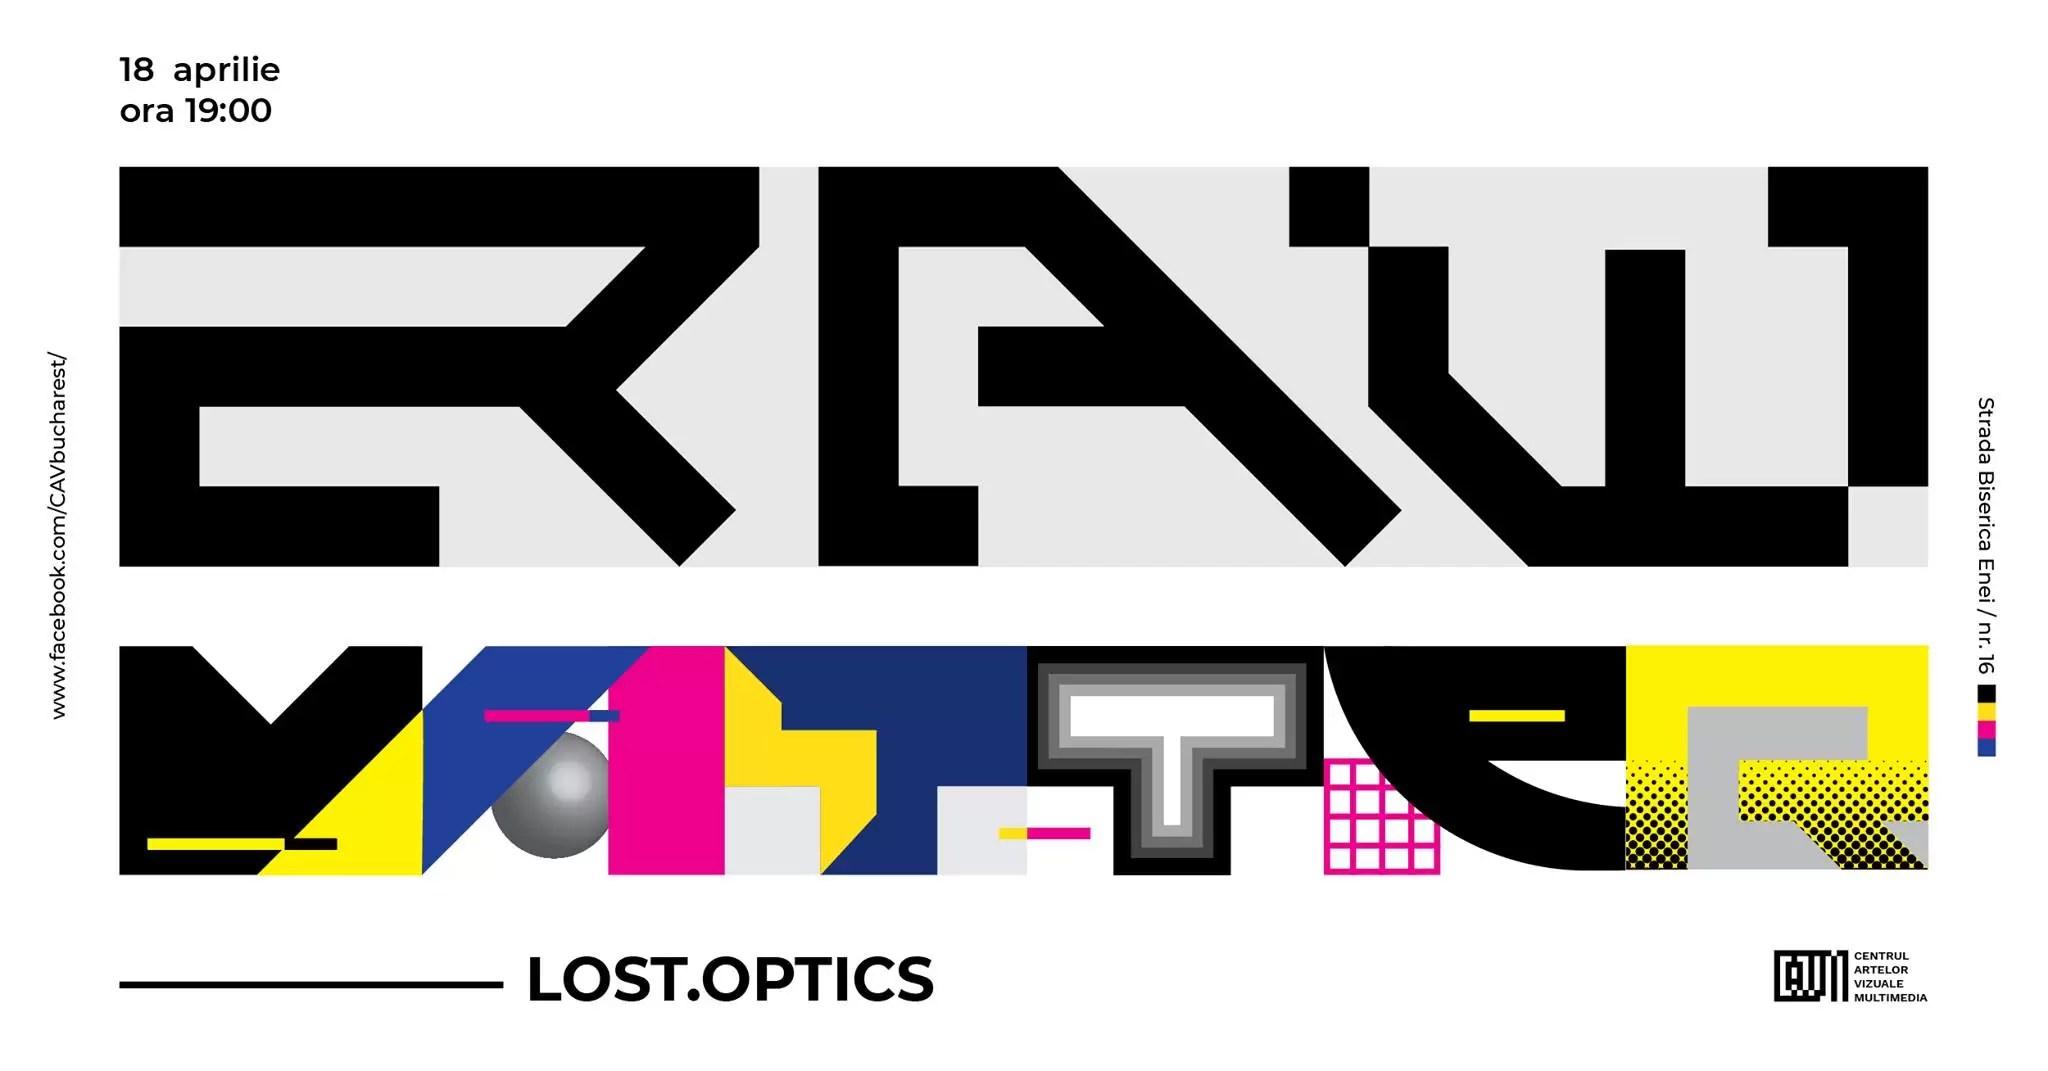 Lost.Optics-afiș